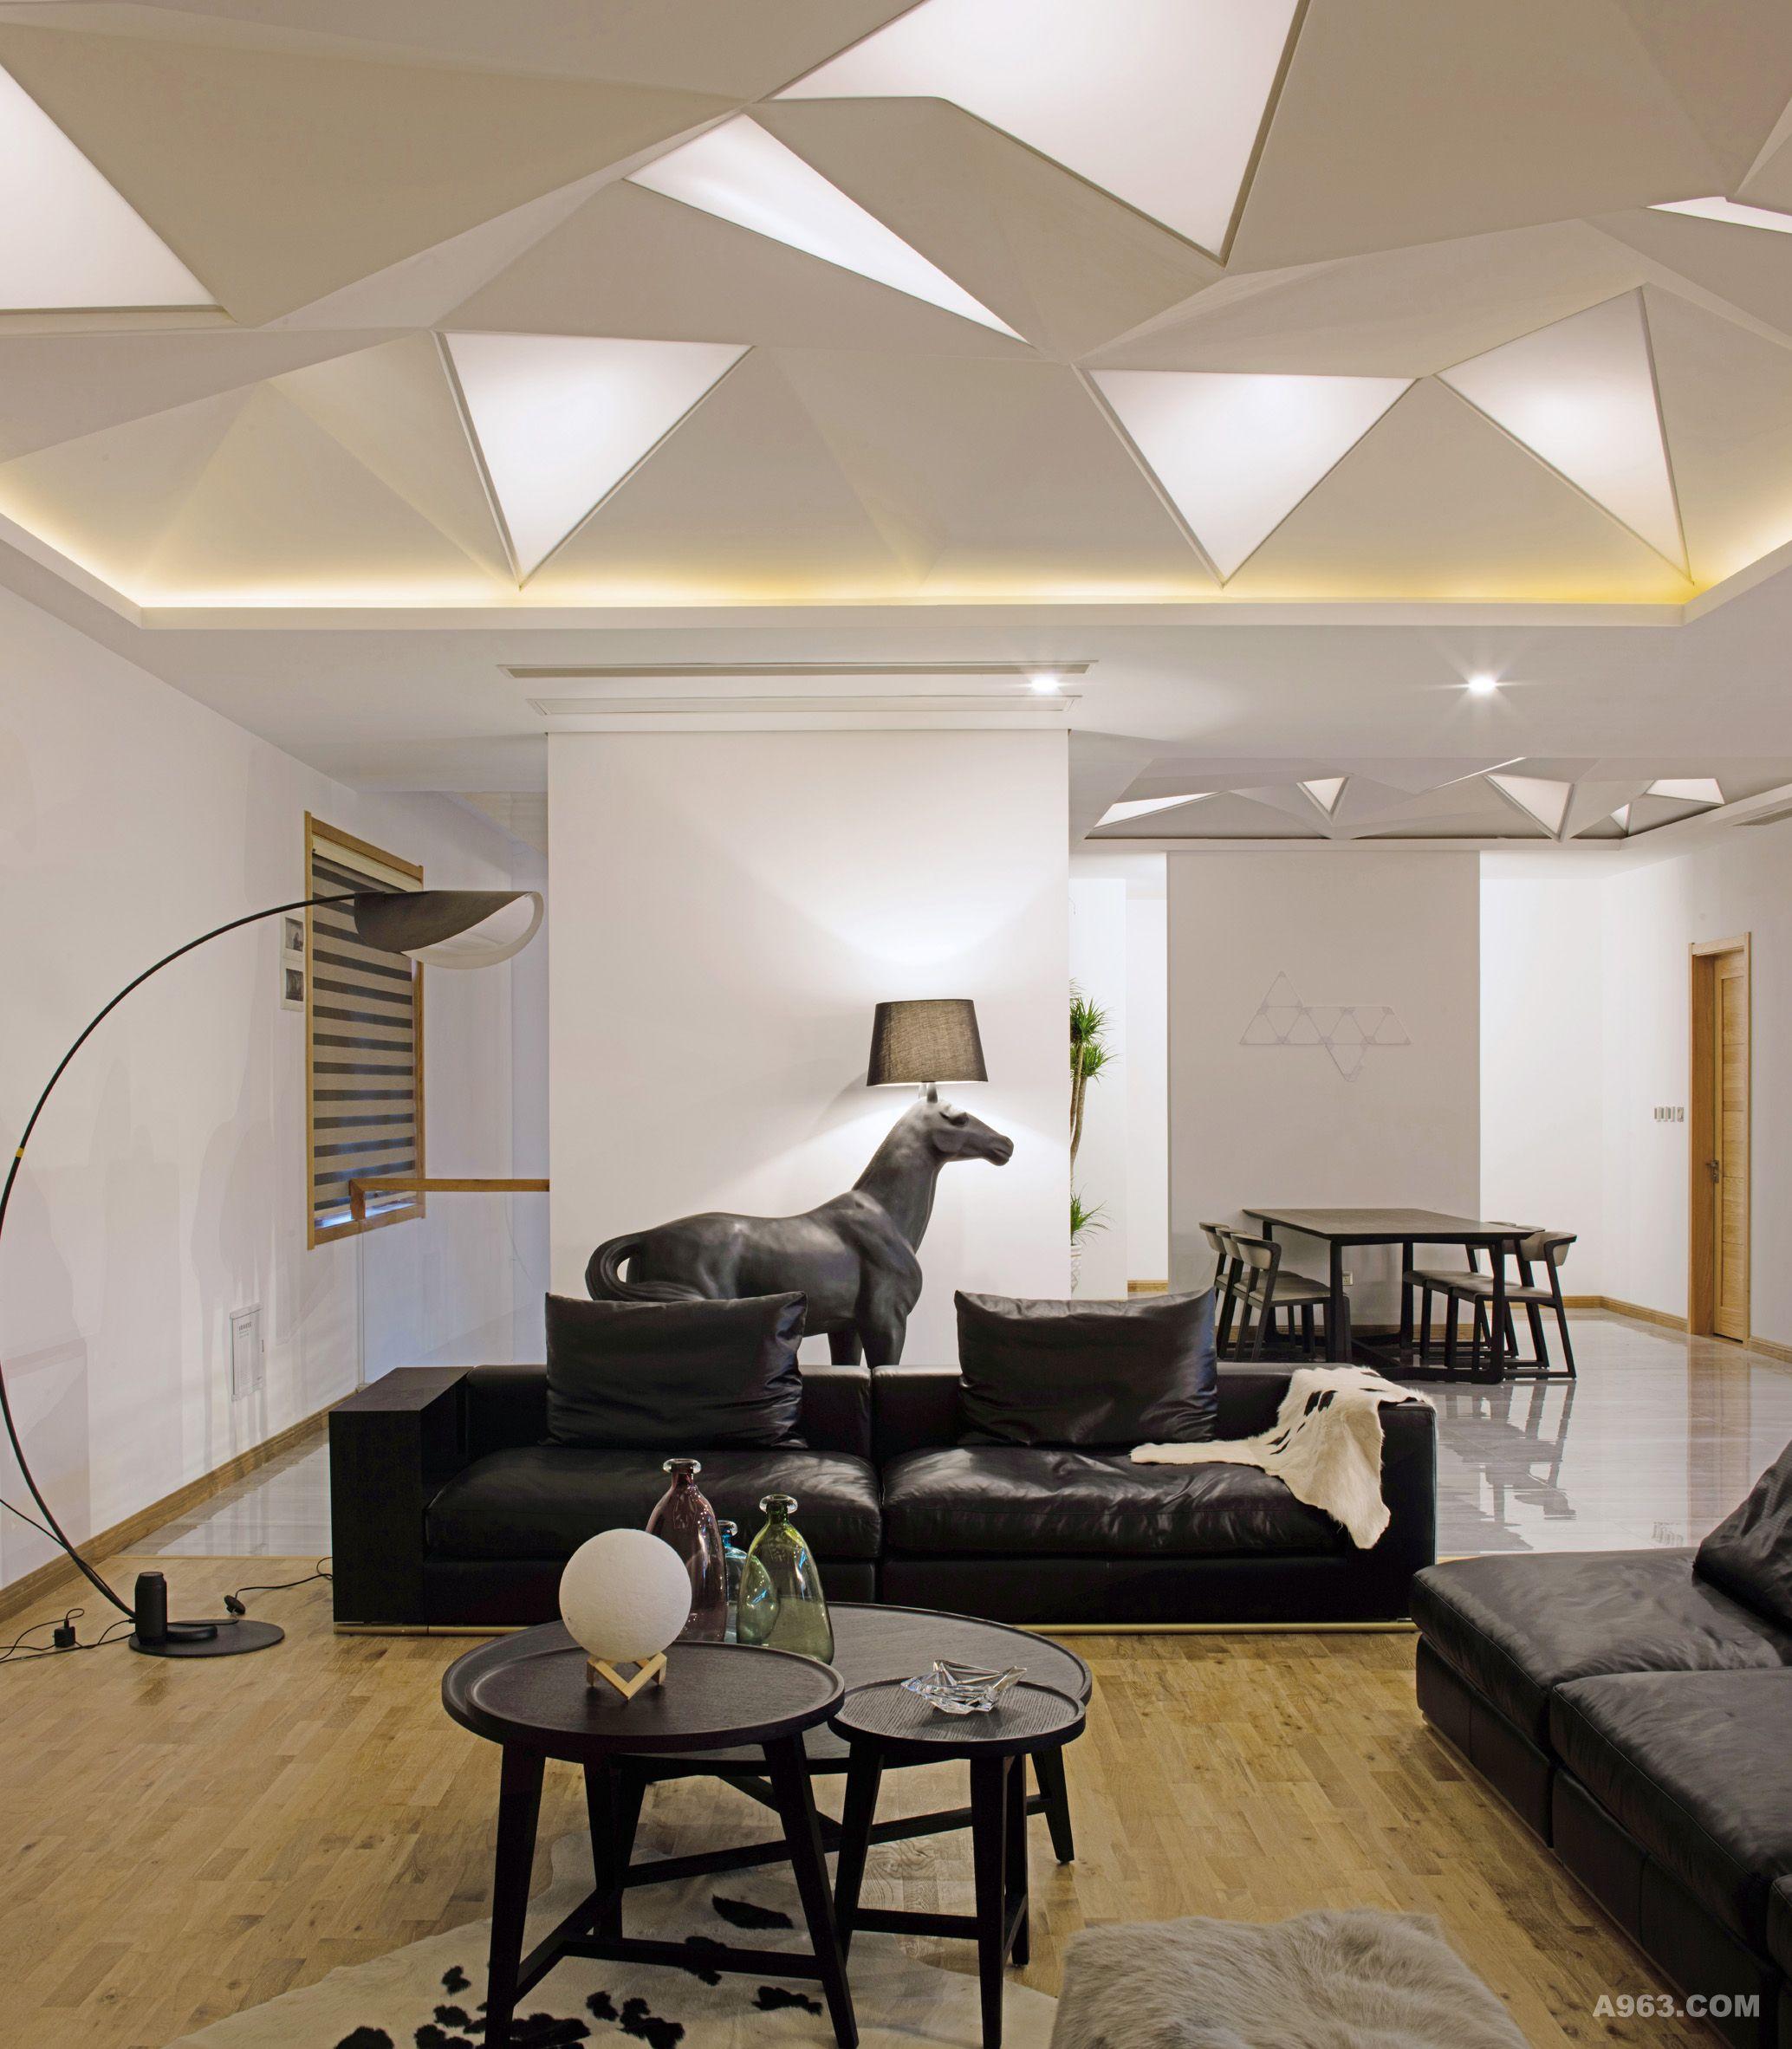 顶面异形吊顶与软膜天花灯光的组合,模拟自然光的照射方式,赋予了空间